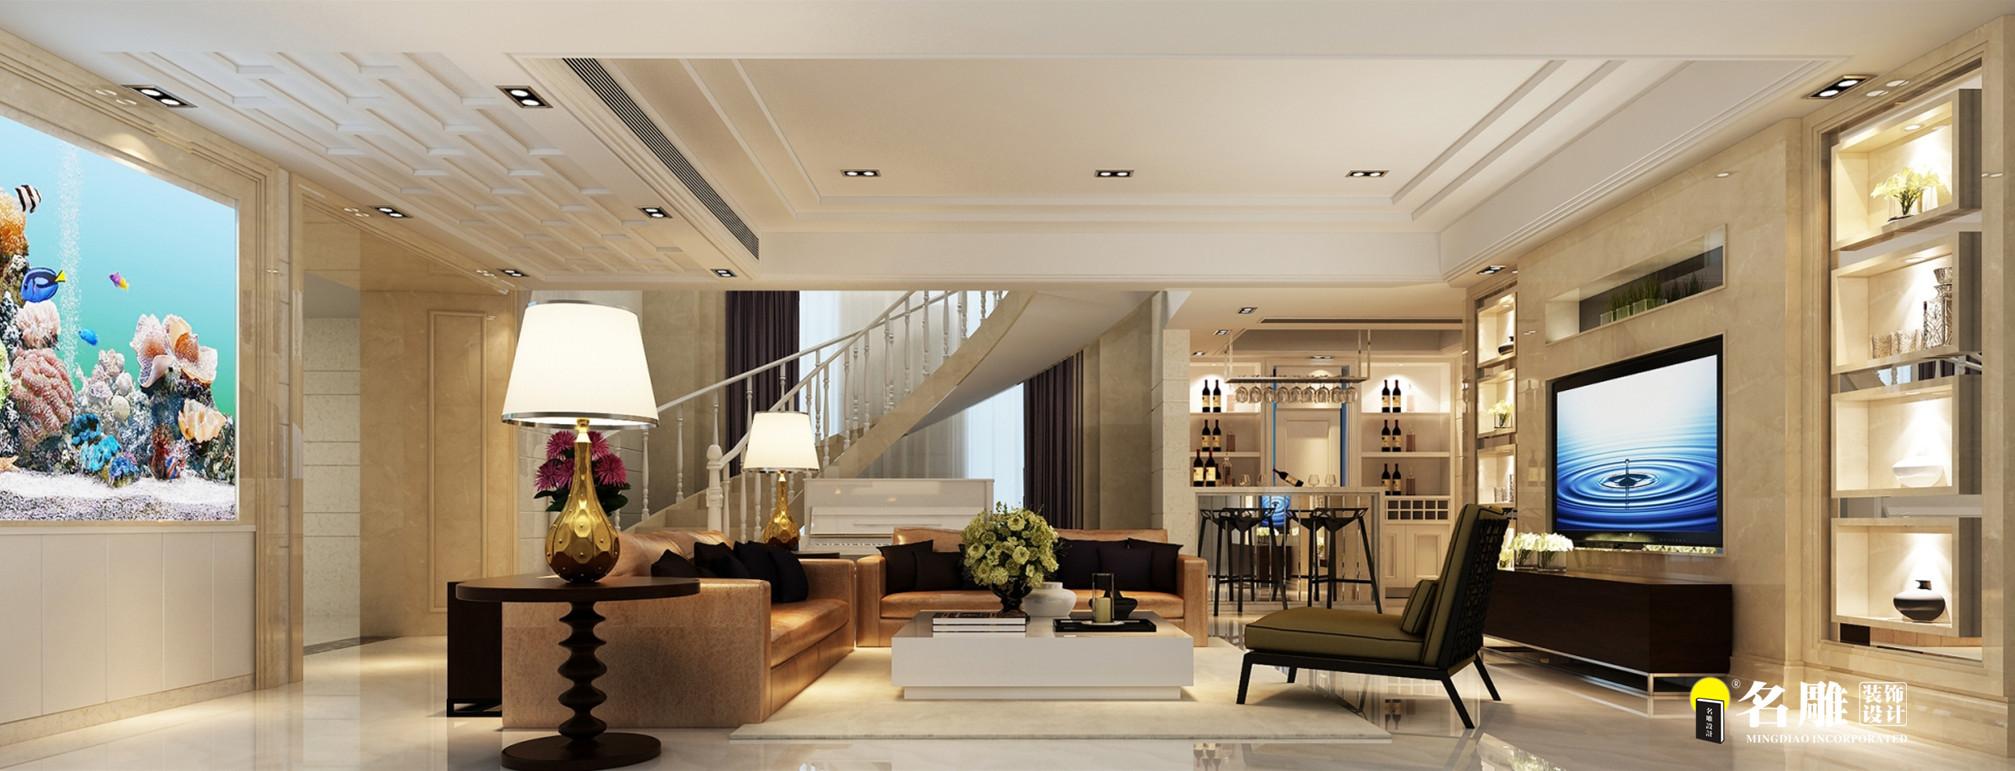 现代 复式别墅 精致 4厅 12室 11卫 客厅图片来自名雕装饰设计在简约不简单的分享